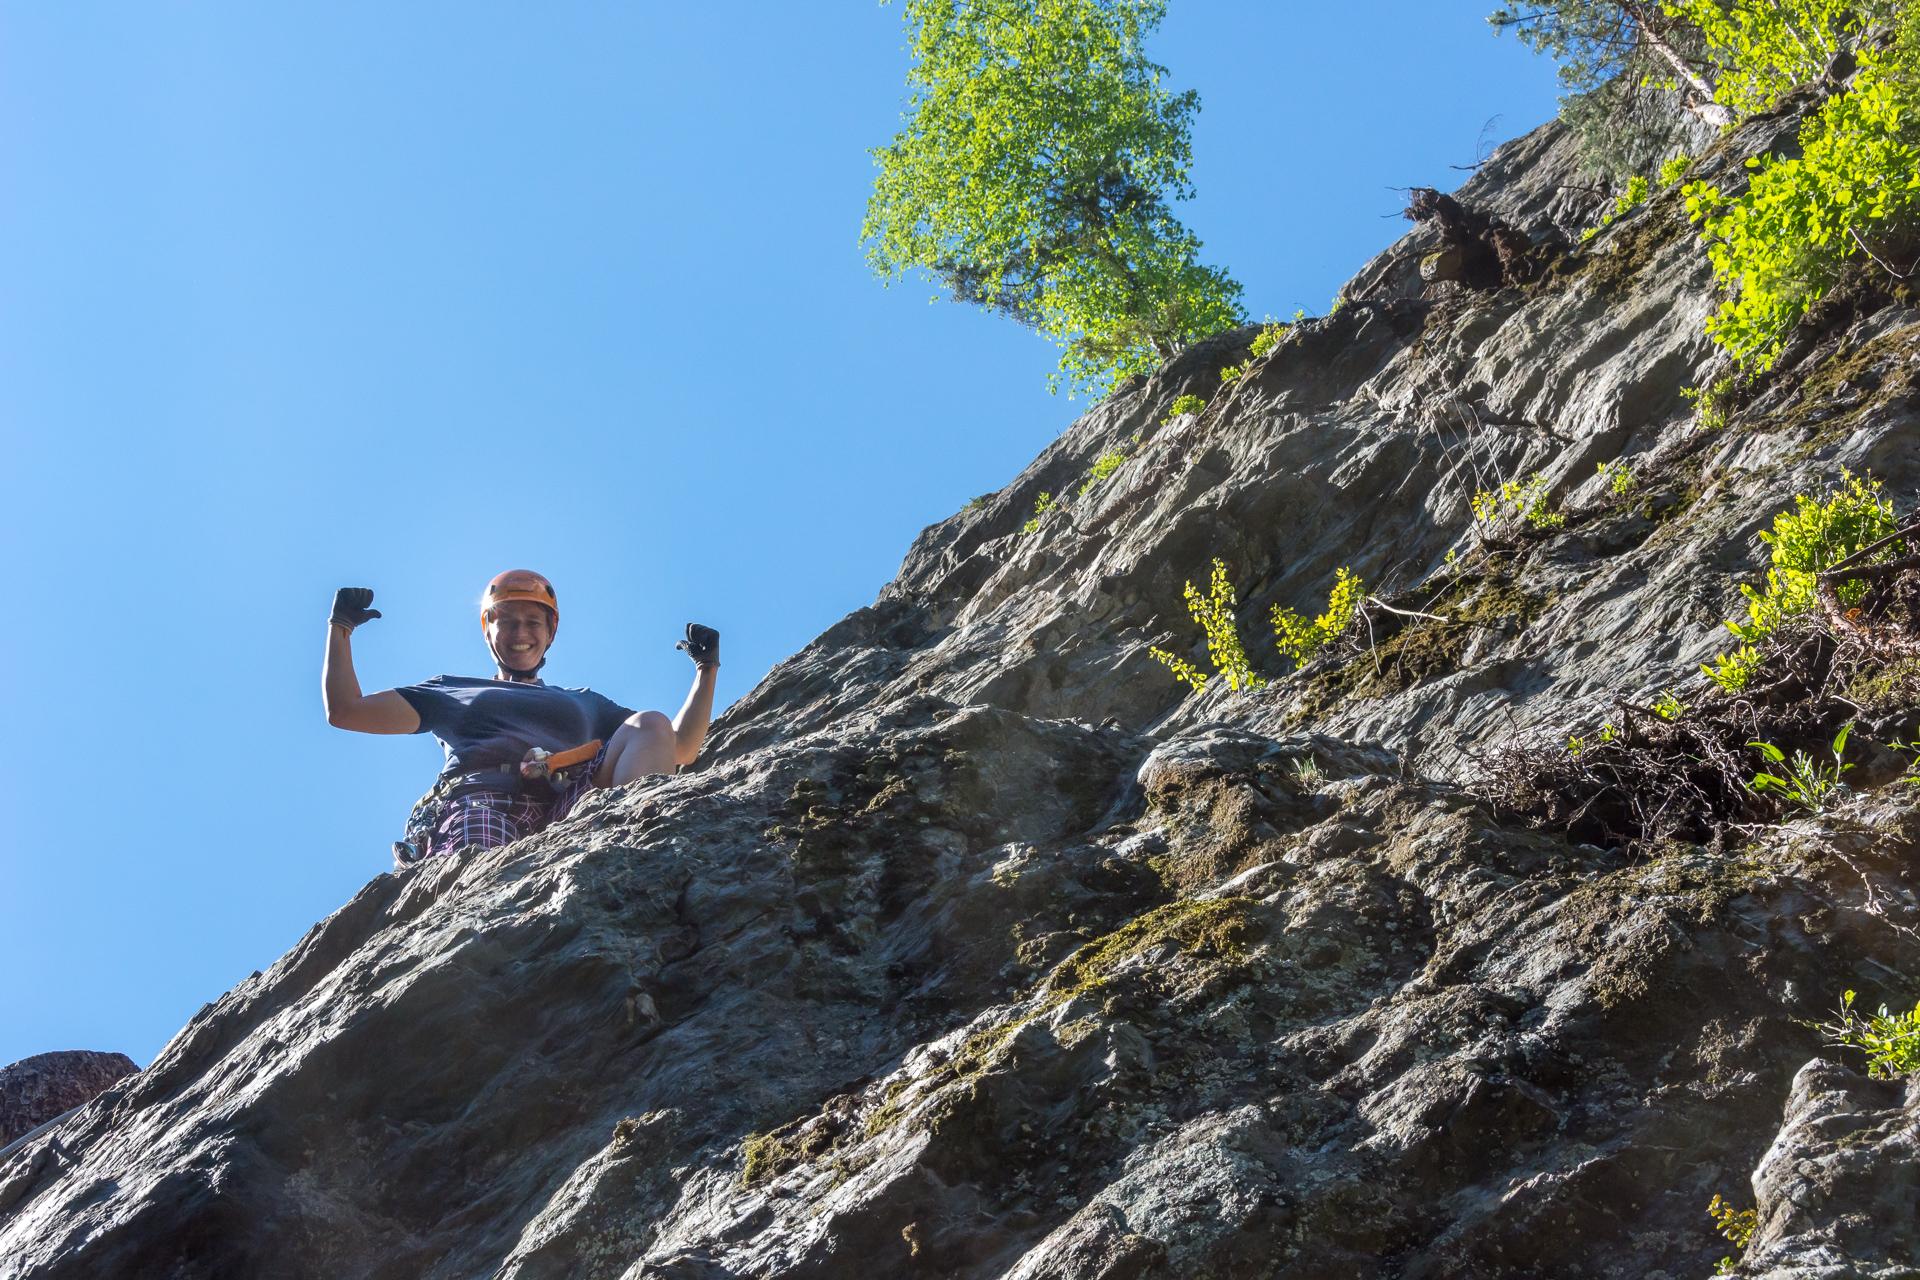 Klettersteig Talbach : Talbach klettersteig zell am ziller klettersteige